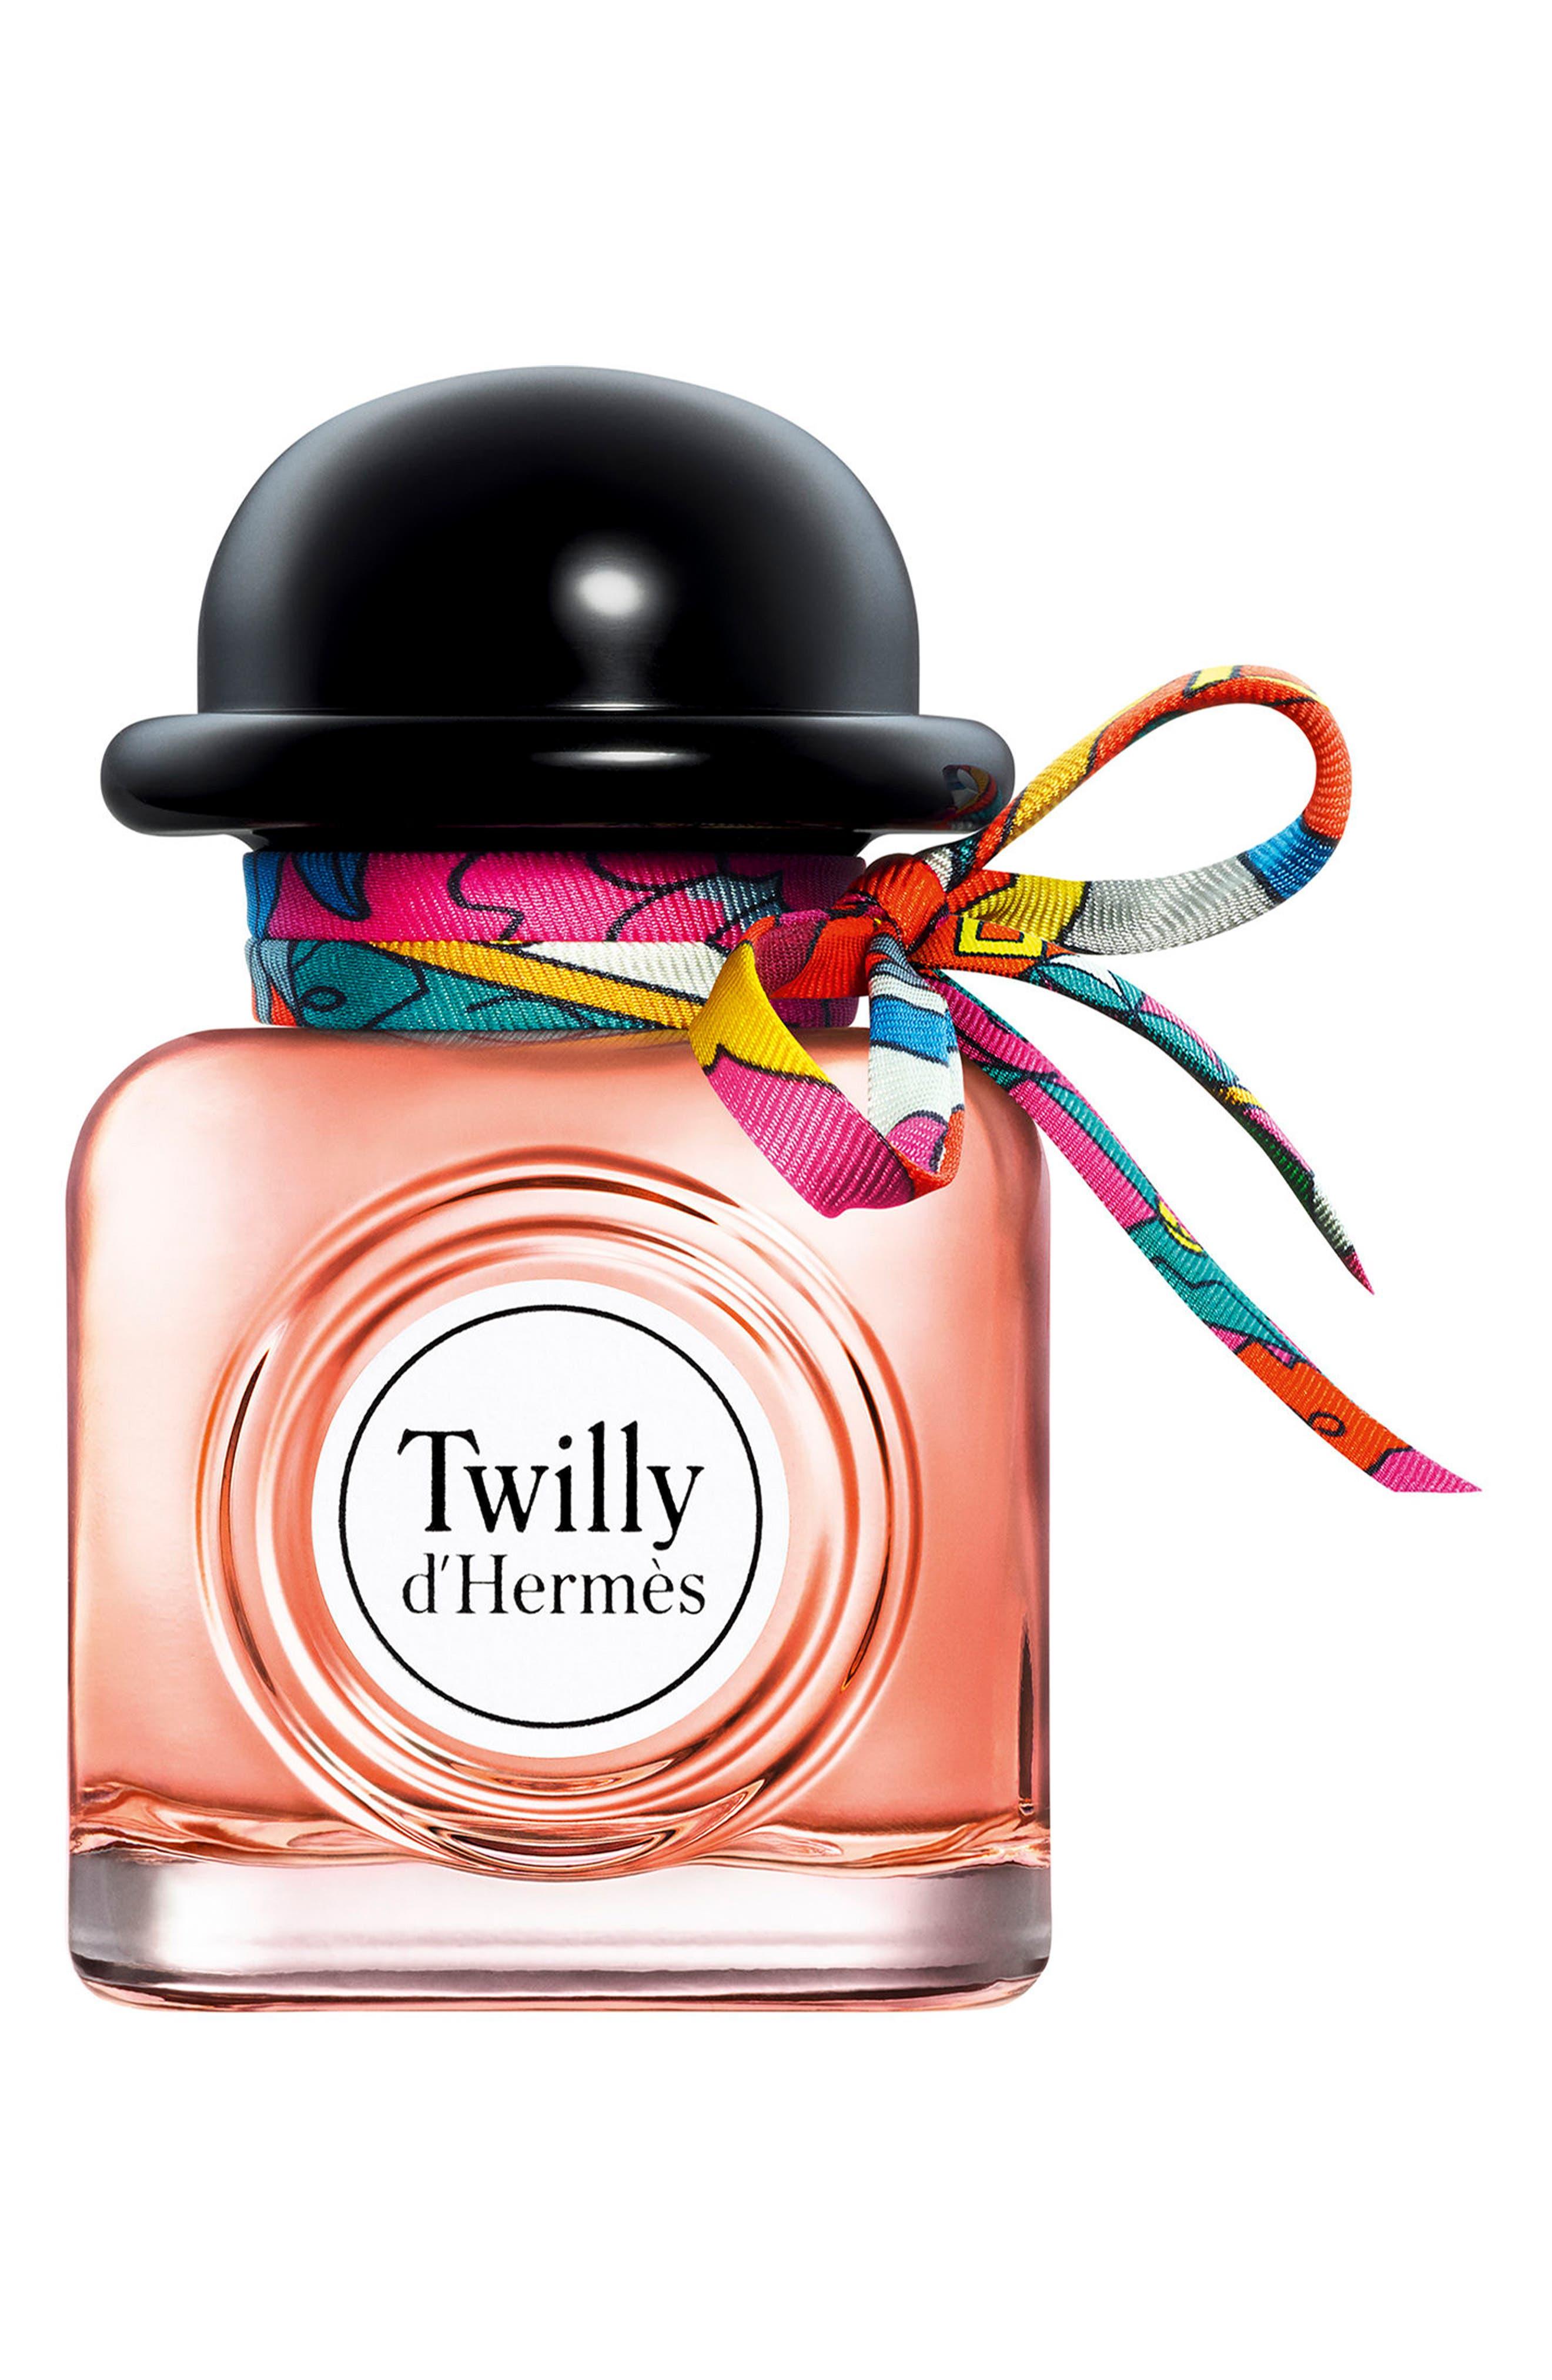 HERMÈS Twilly d'Hermès Eau de Parfum, Main, color, NO COLOR